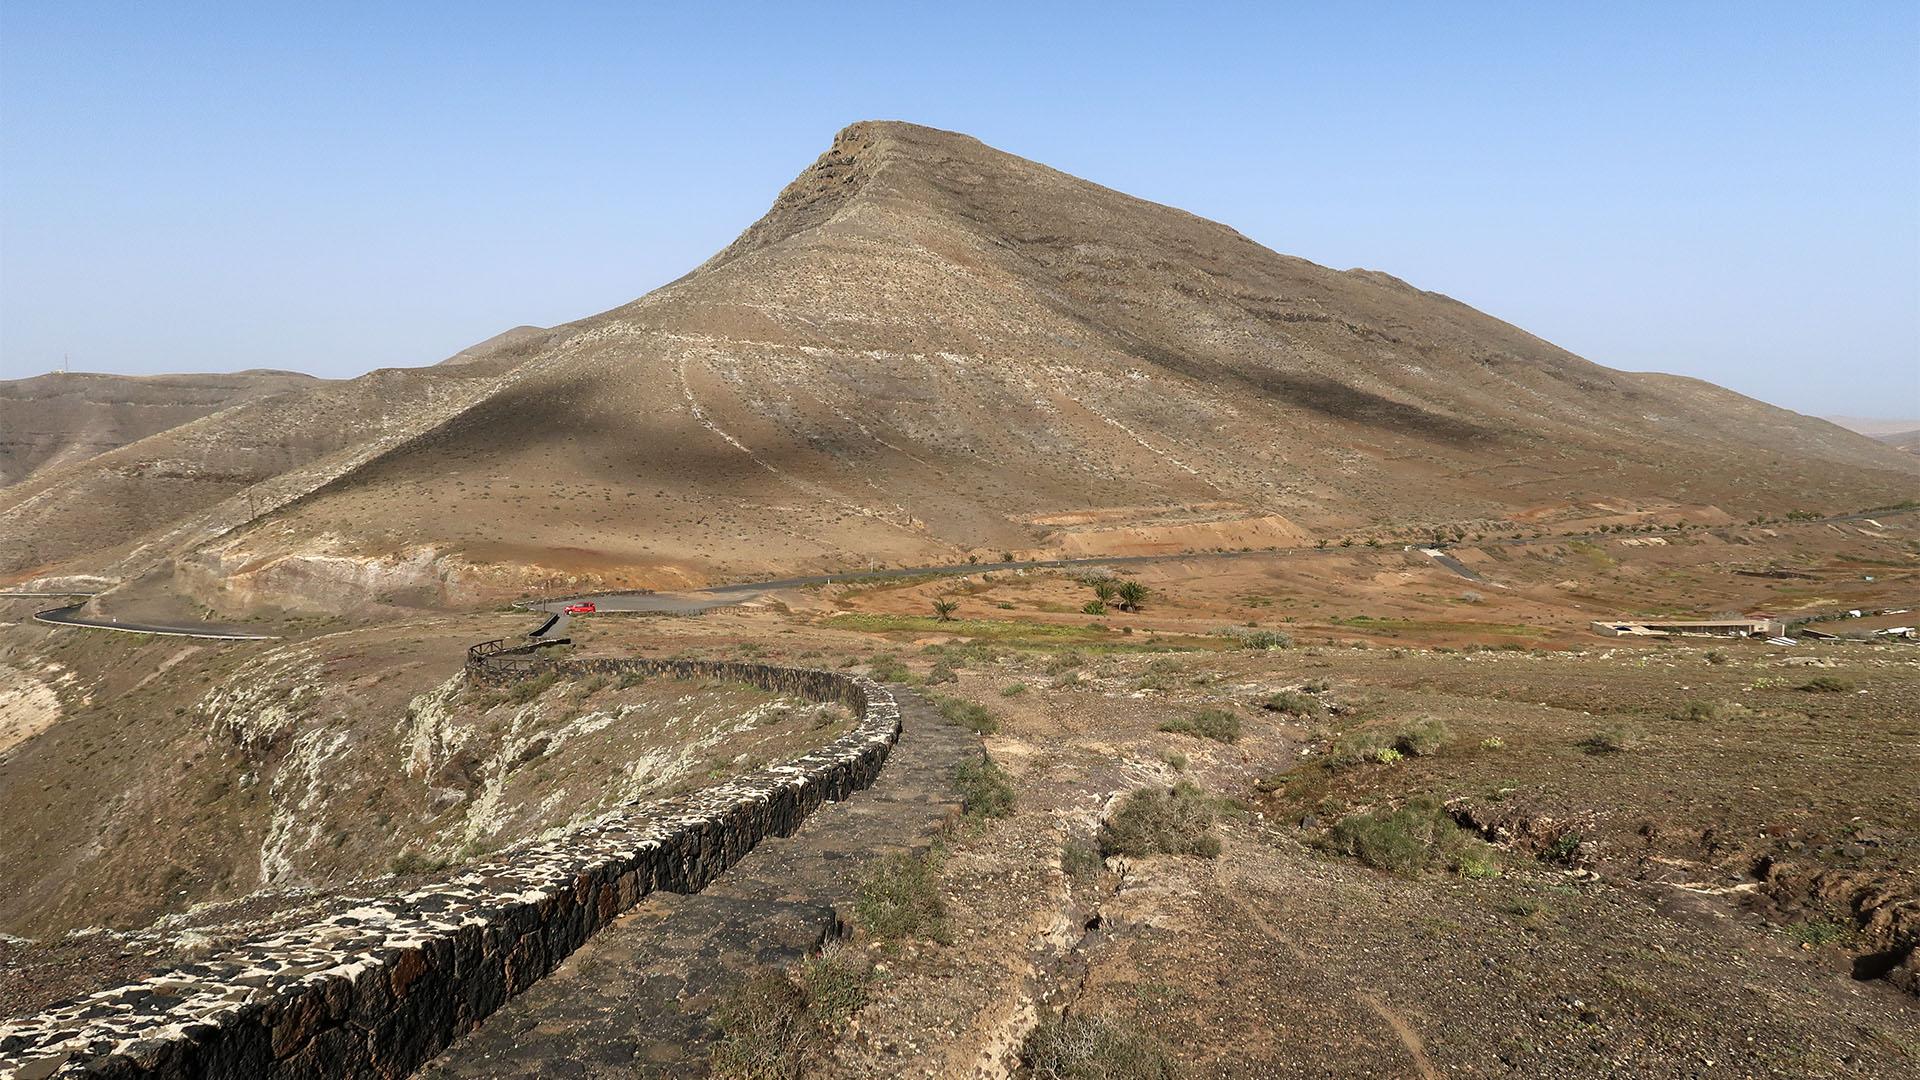 Vallebron Fuerteventura – Mirador de Vallebron y Fuente La Palma.